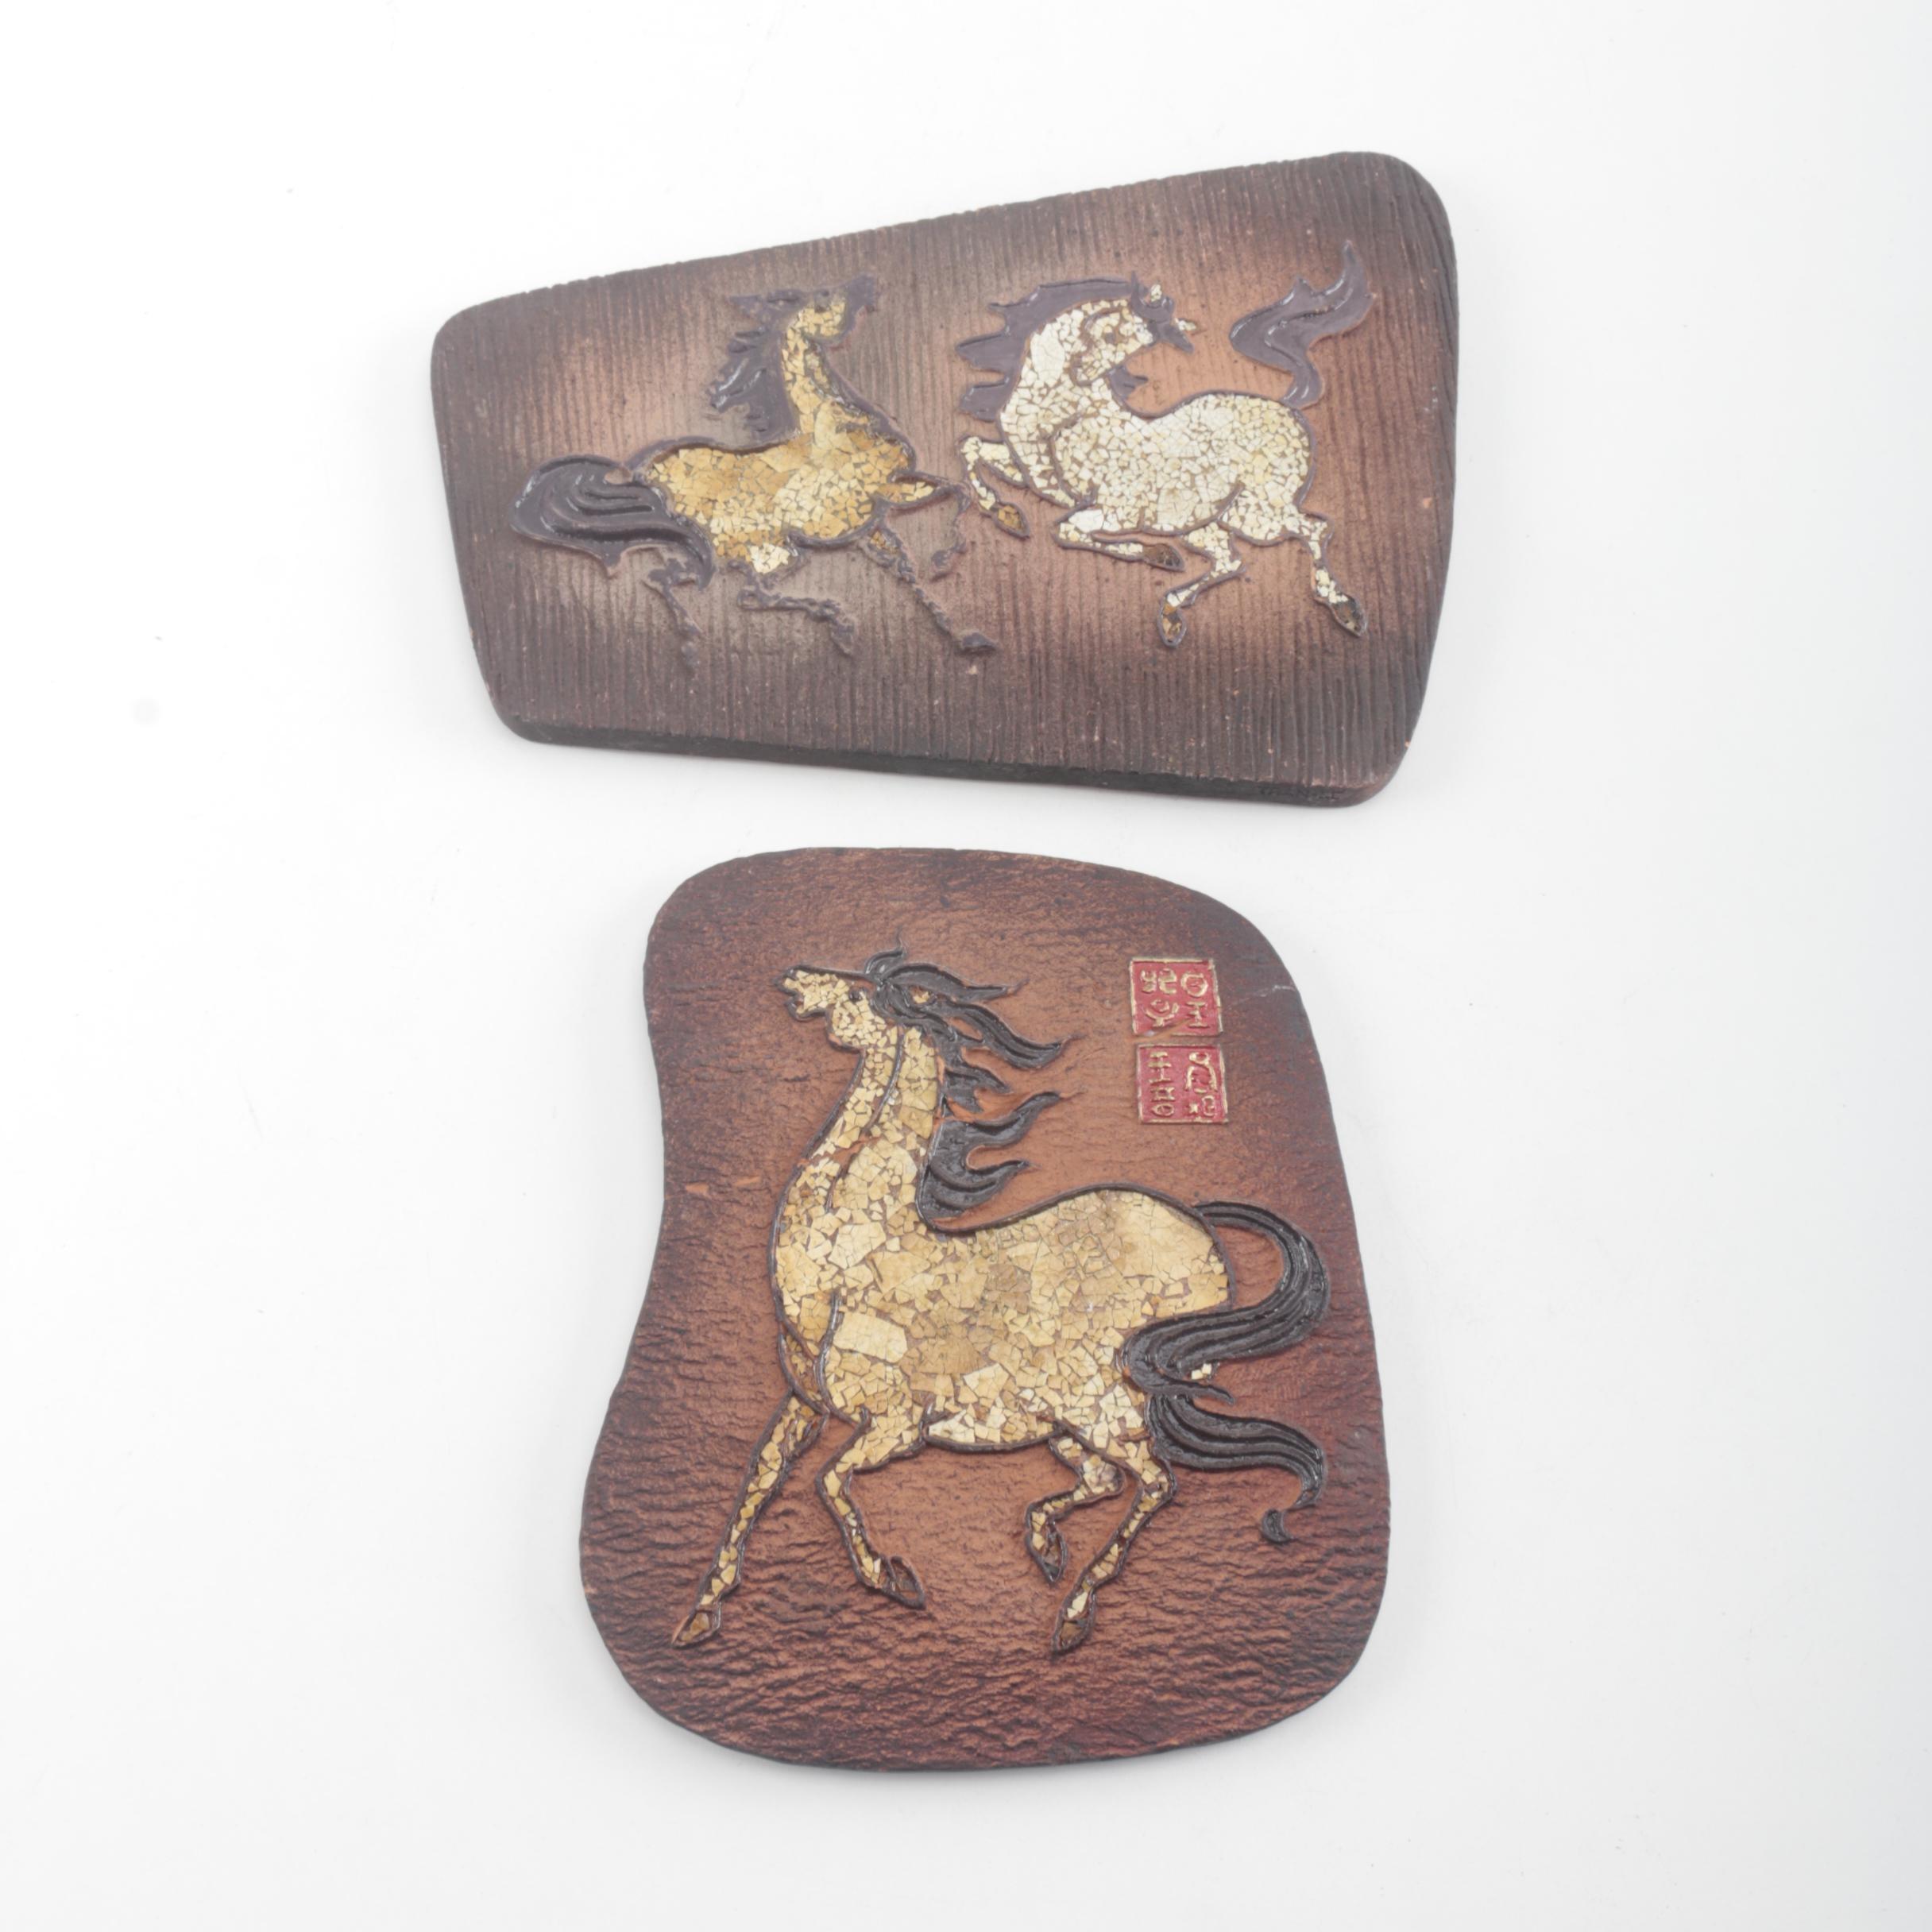 Chinese Ceramic Decorative Horse Plaques